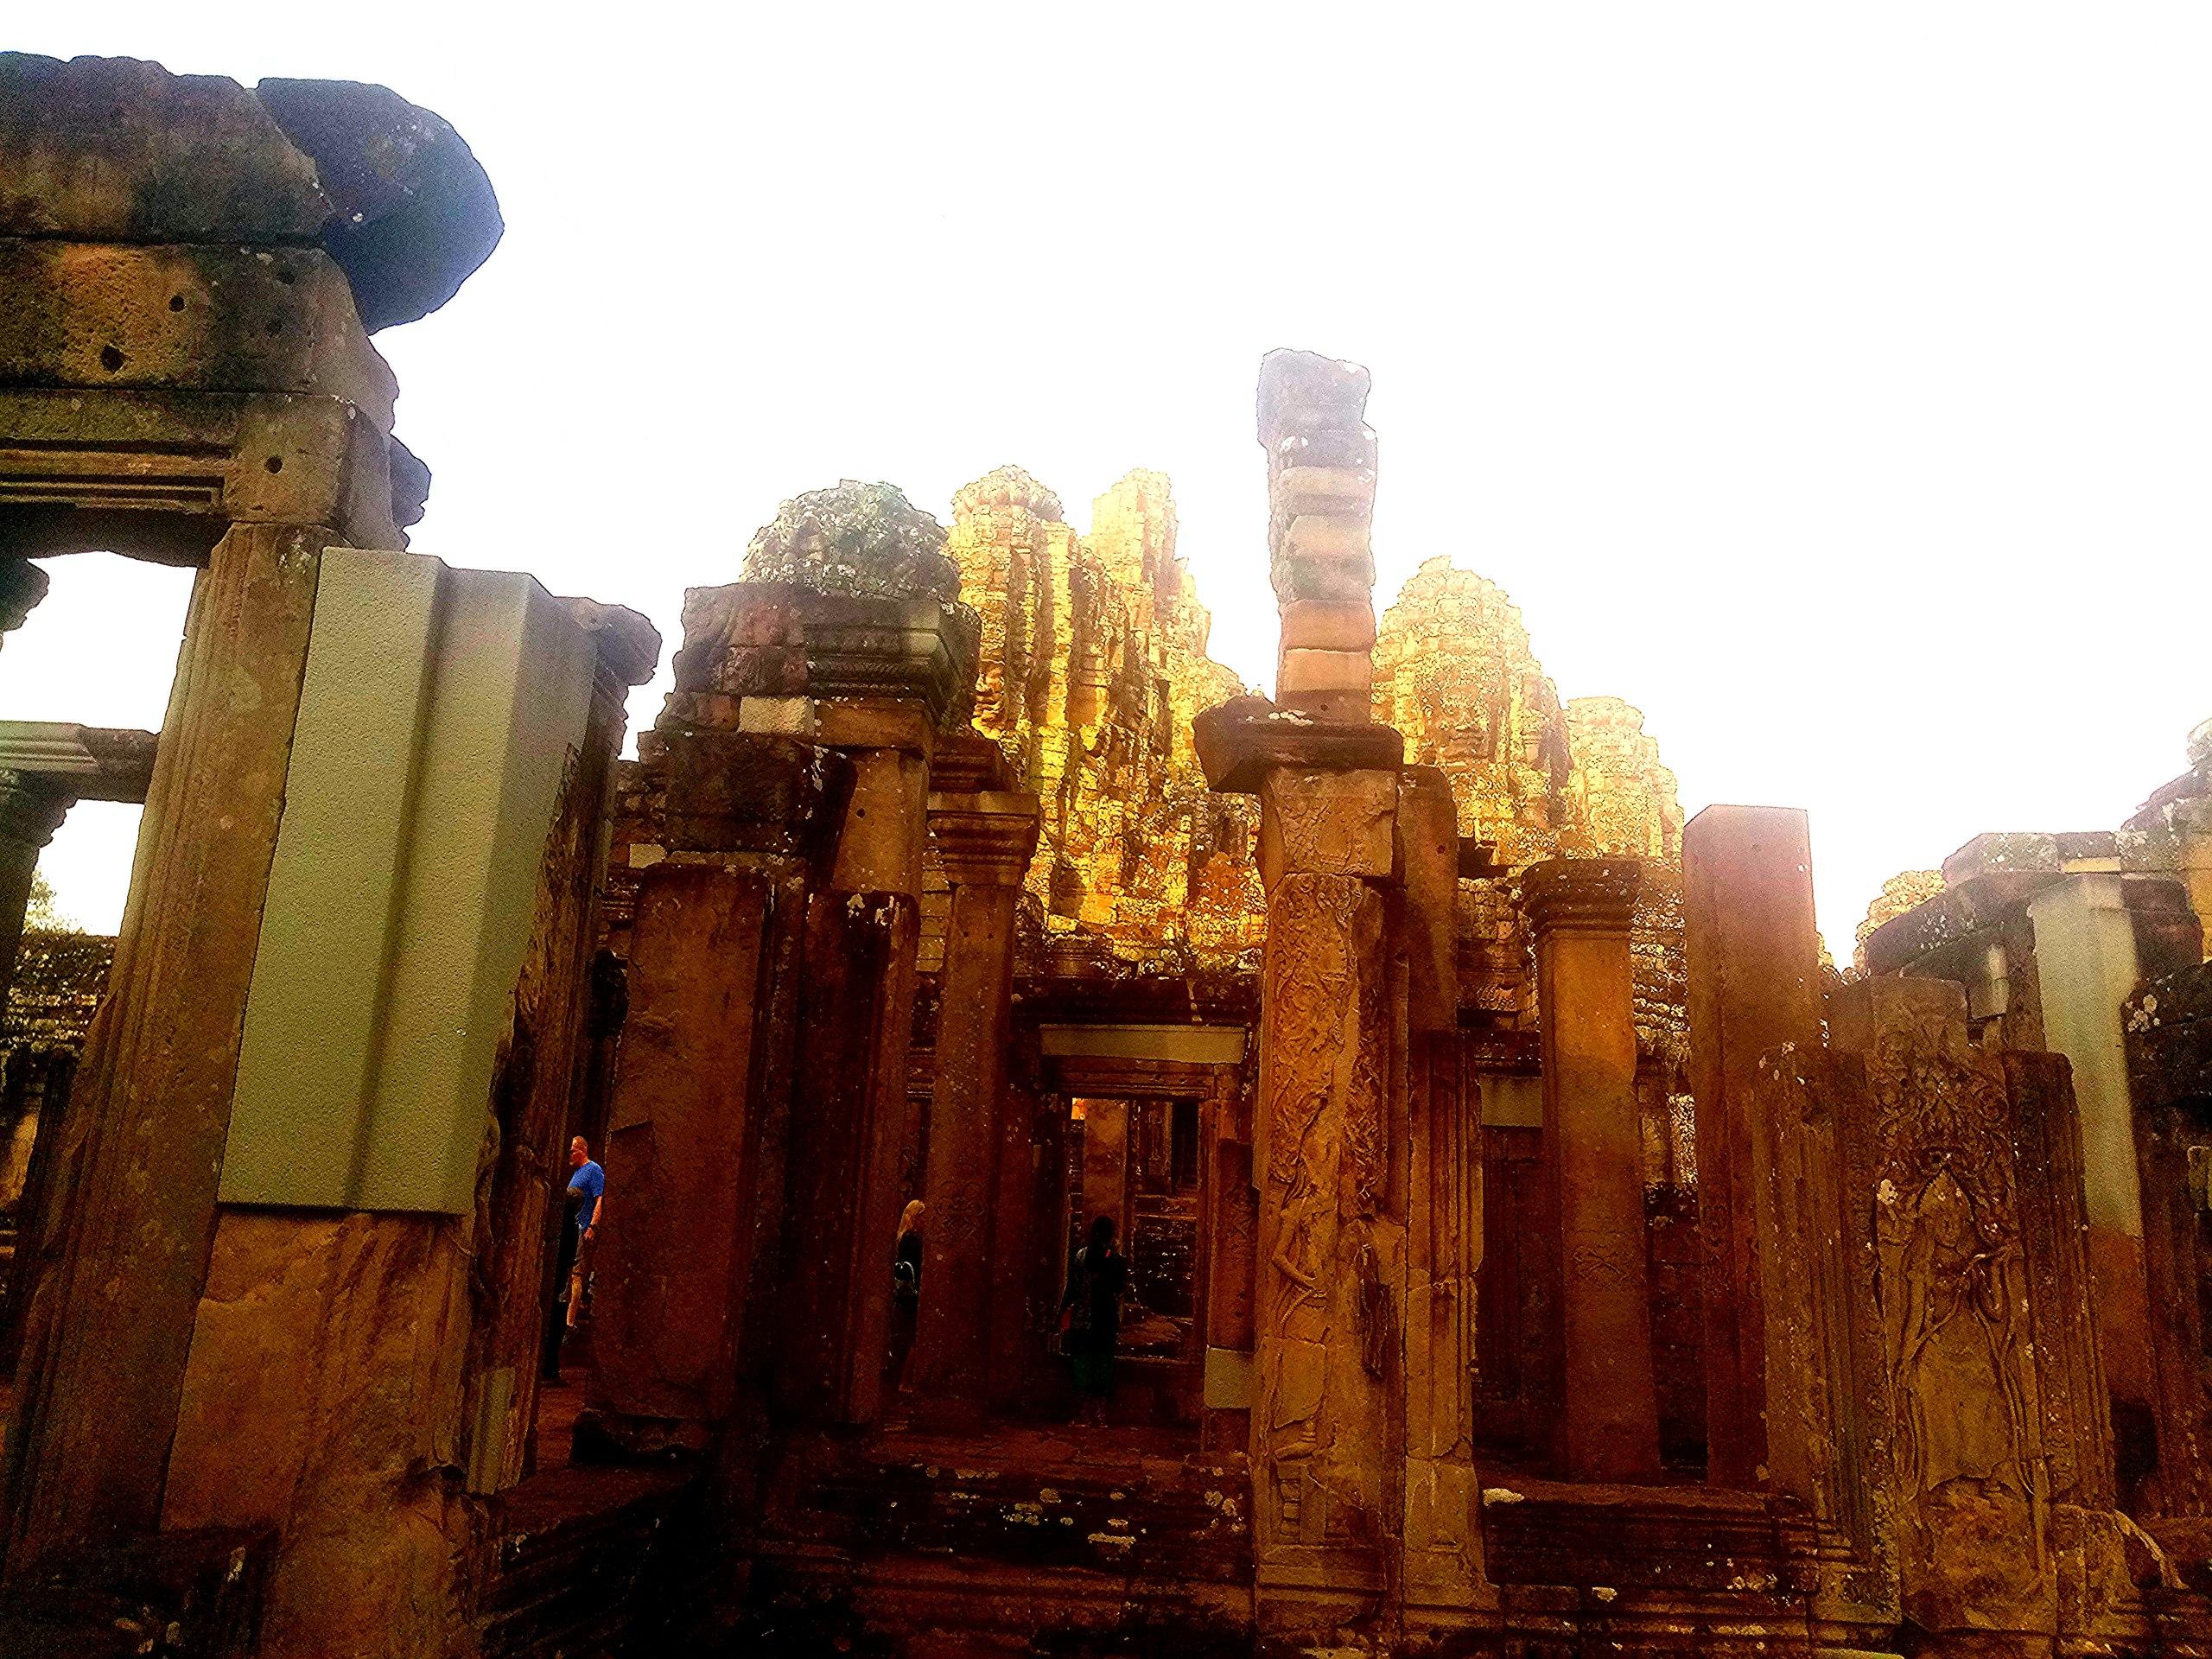 Елена Руденко (Валтея). Камбоджа. Ангкор. - Страница 2 TWx8RKHeO0Y